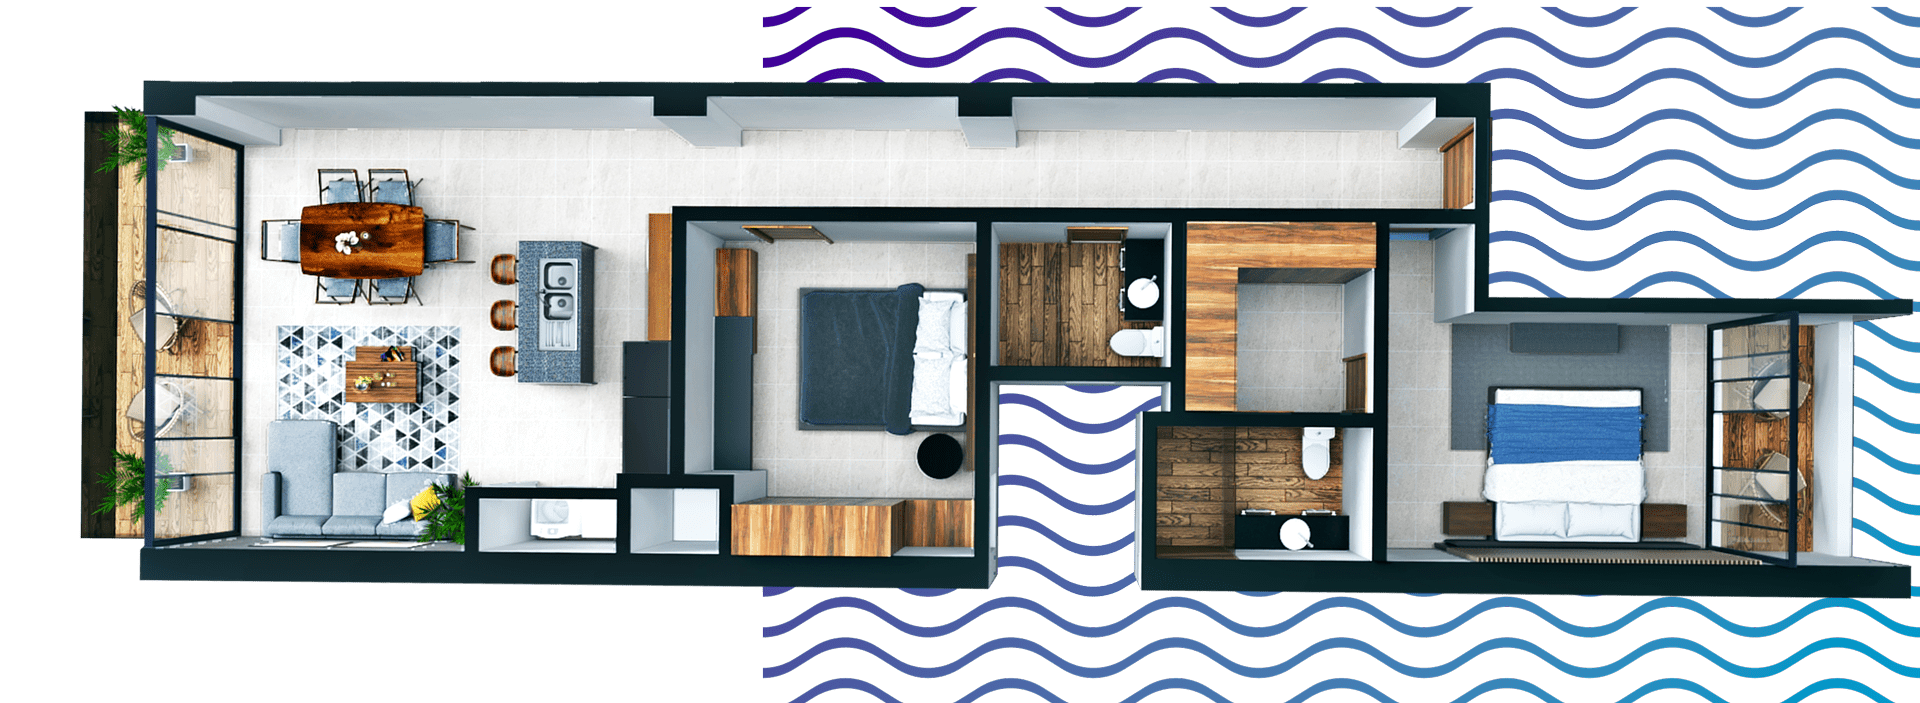 Modelo de Condominio